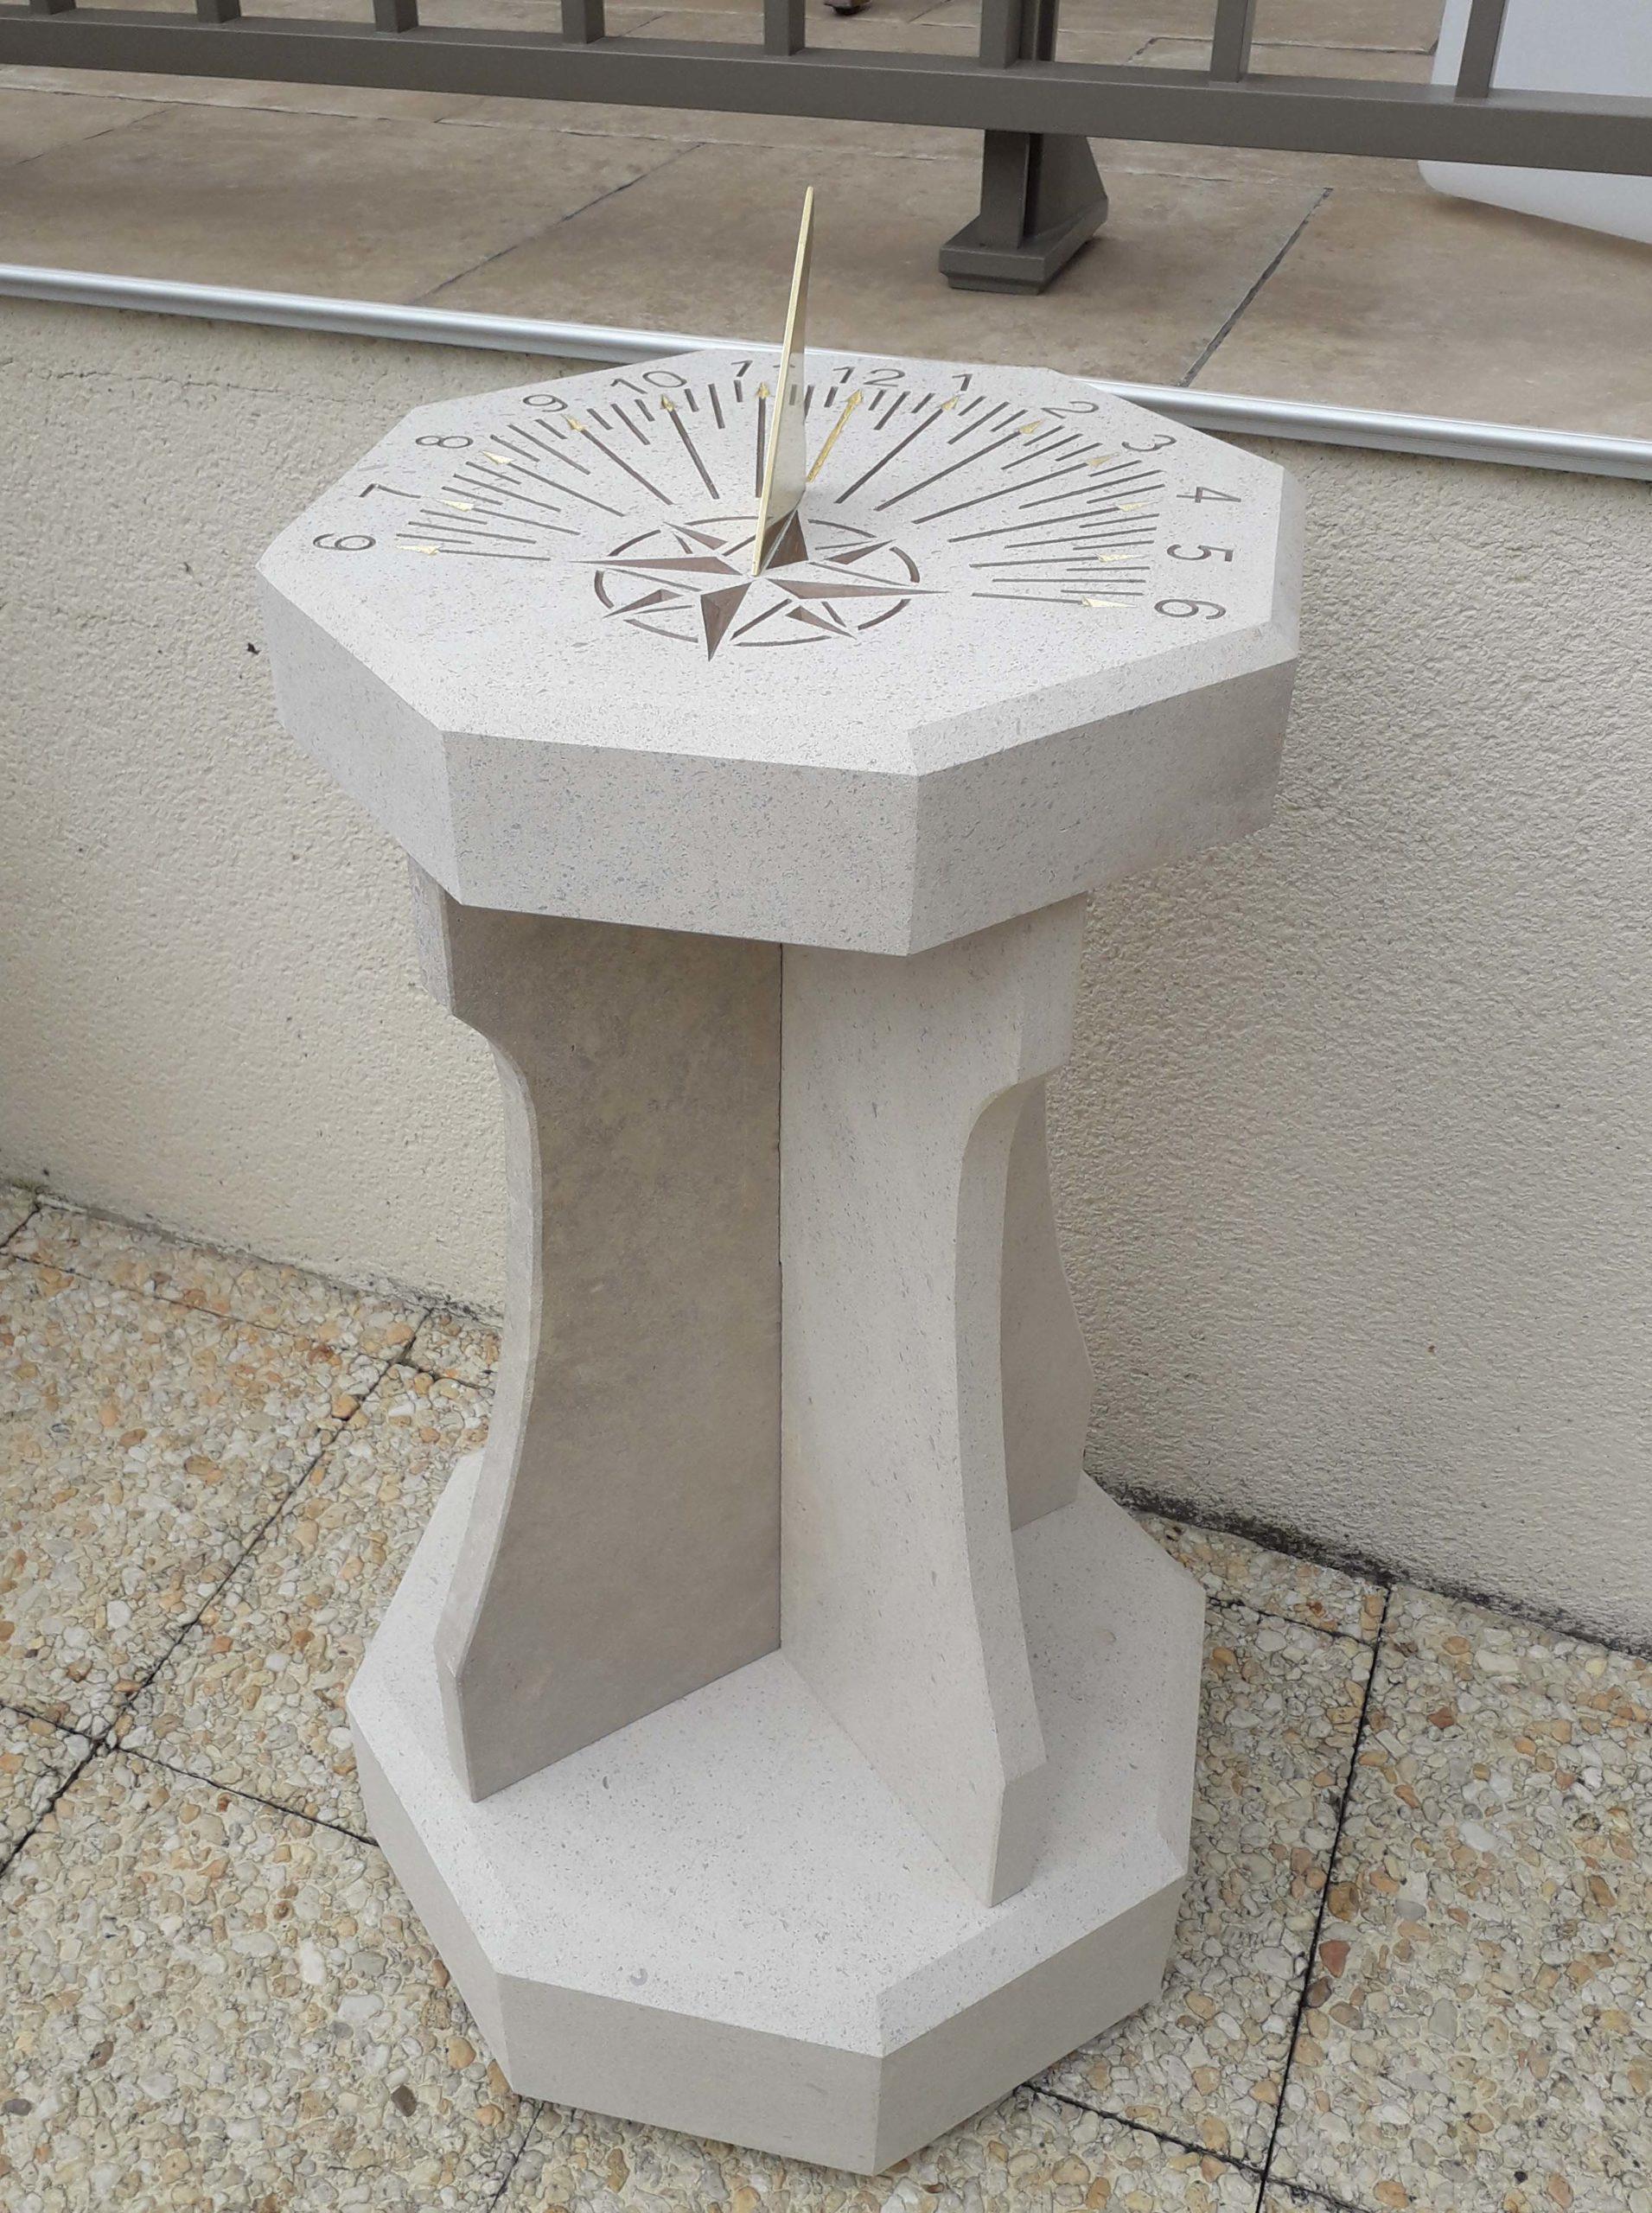 Cadran solaire en pierre de Bourgogne avec son socle, style en laiton. Gravure des heures et de la rose des vents couleur marron claire.